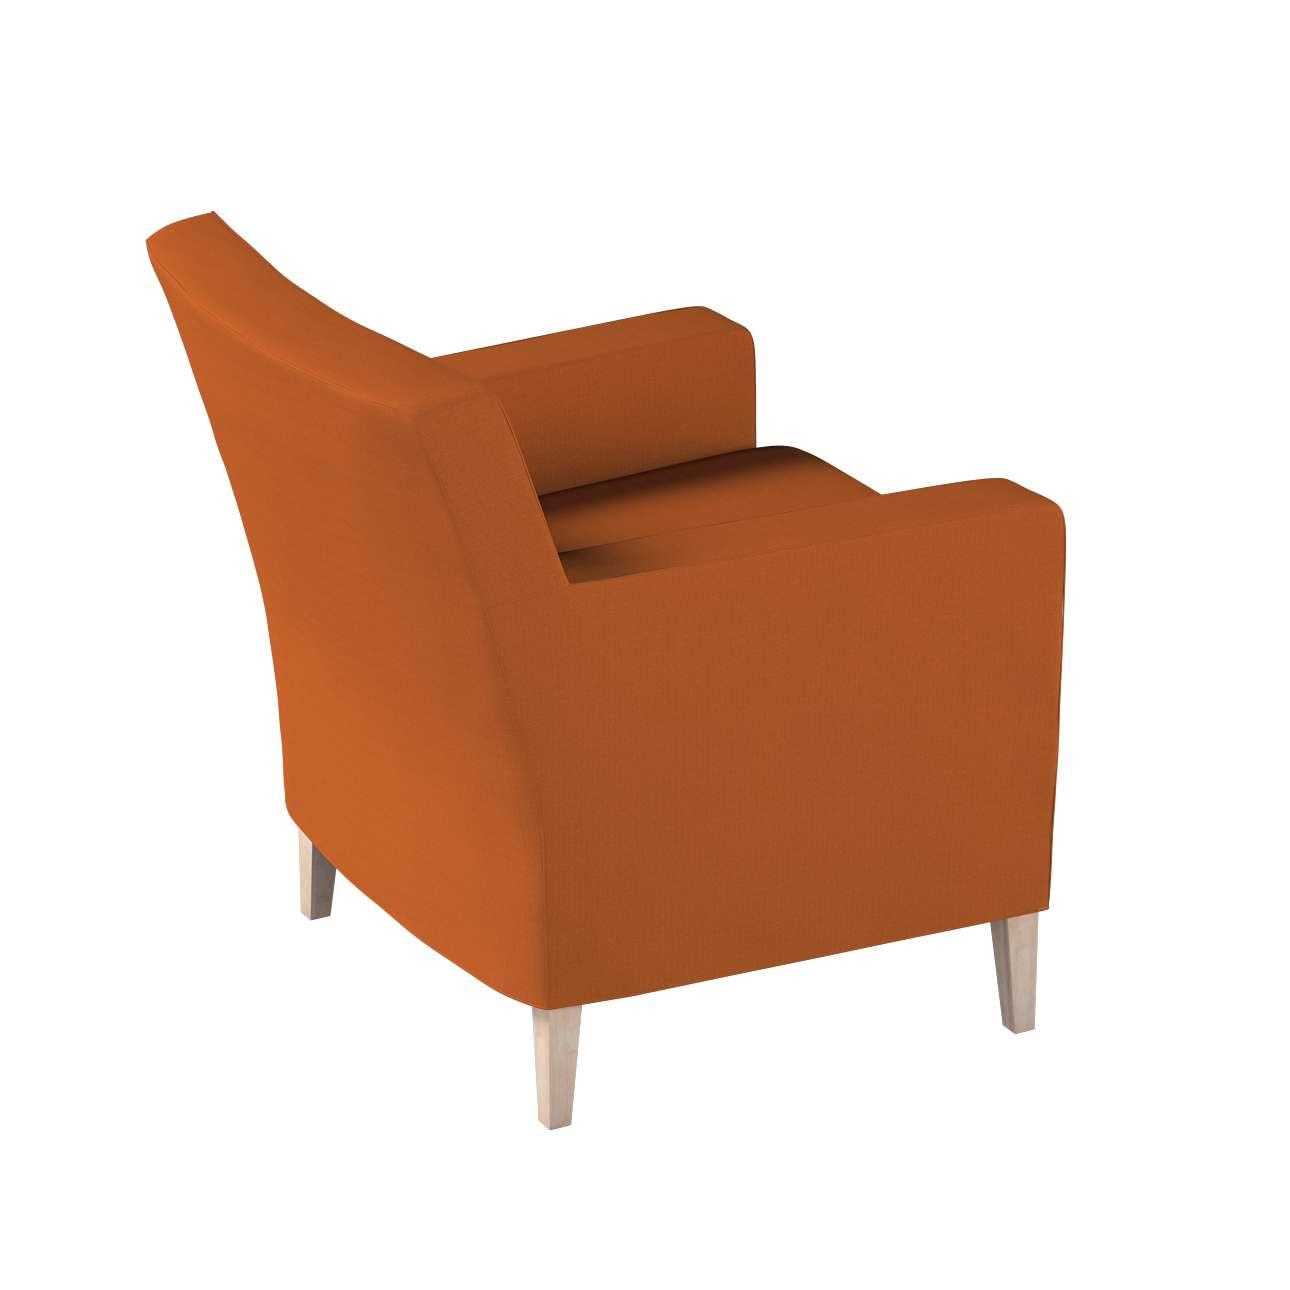 Pokrowiec na fotel Karlstad w kolekcji Cotton Panama, tkanina: 702-42